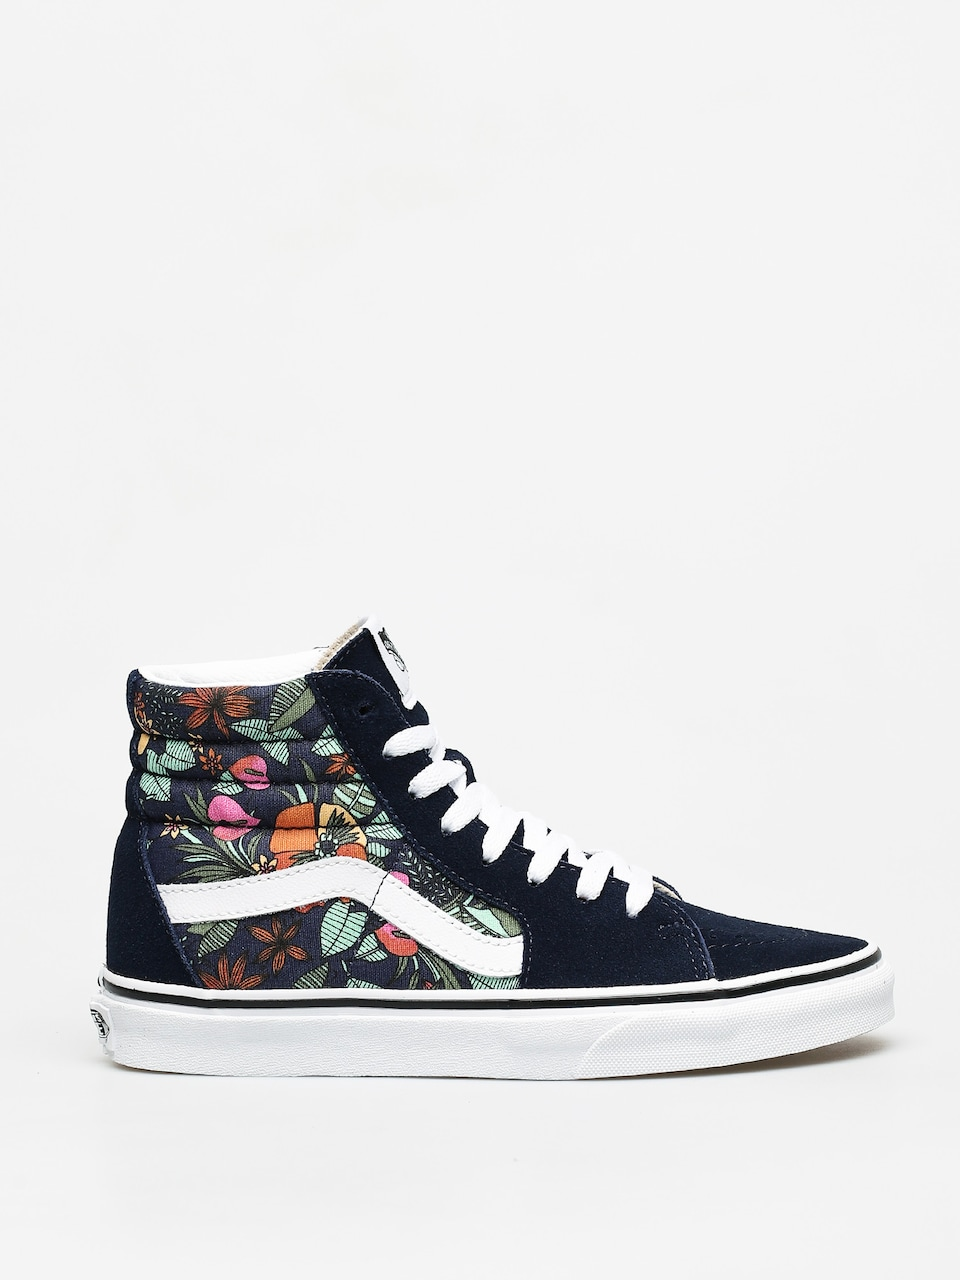 Vans: buty skate, plecaki, bluzy | SUPERSKLEP